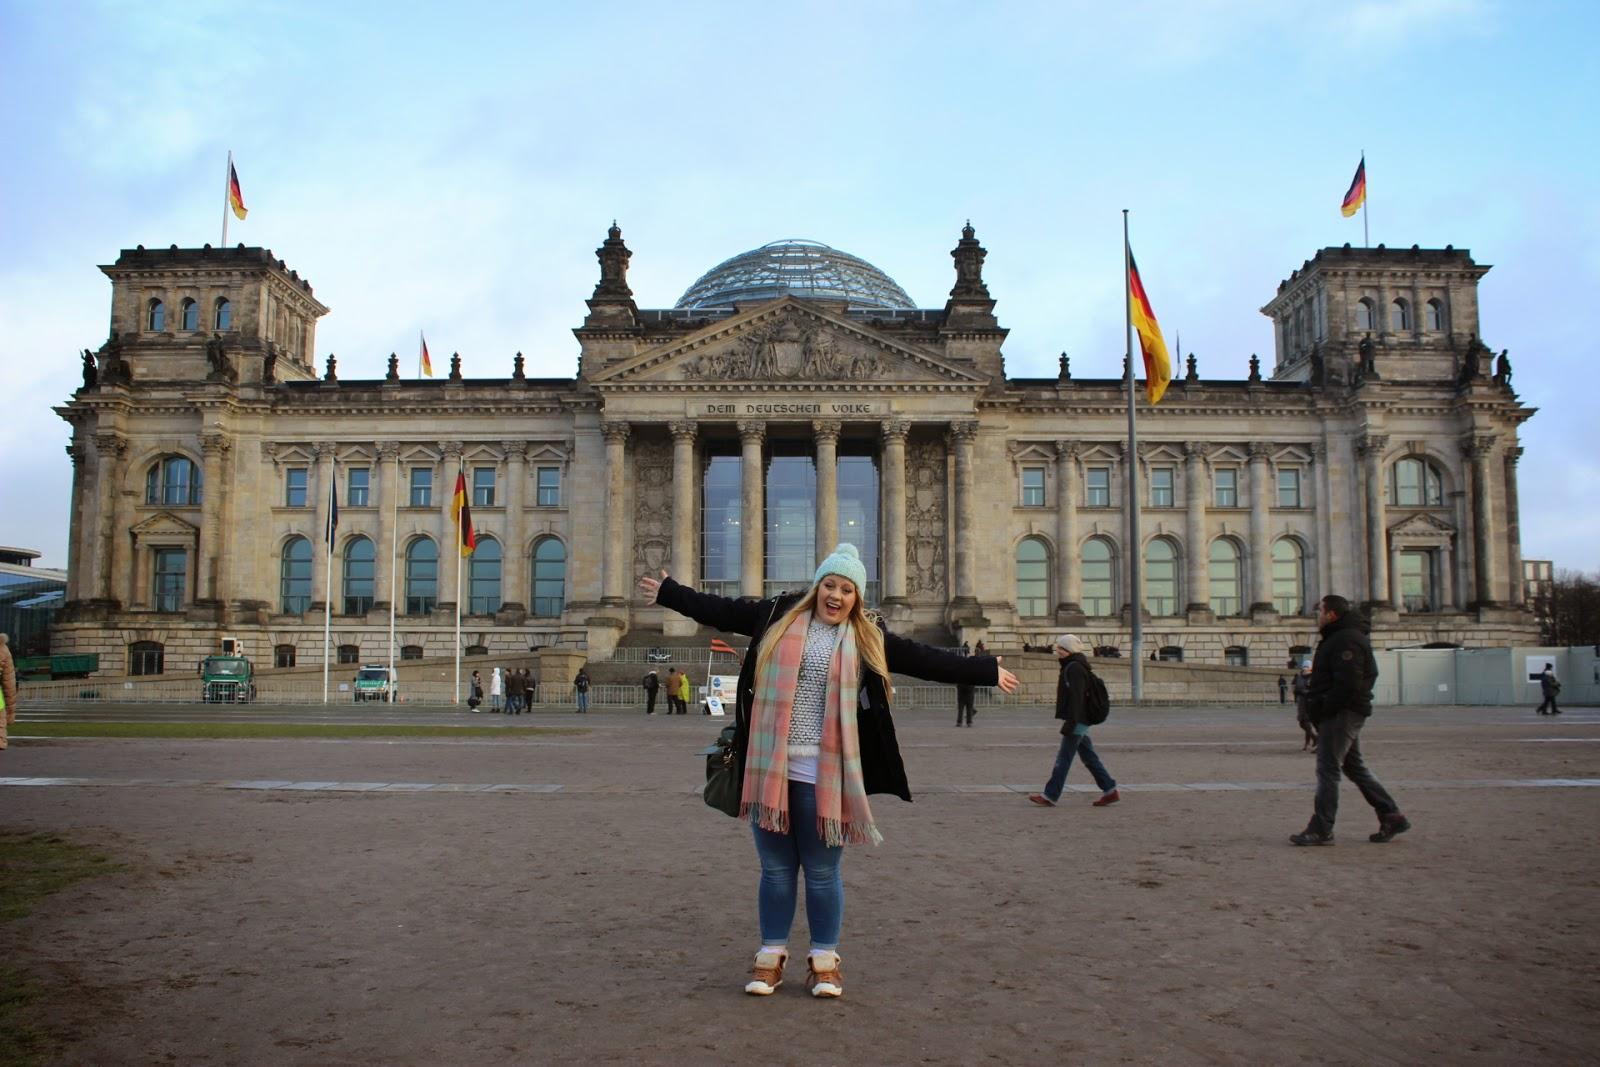 Berlin Reichstag Building